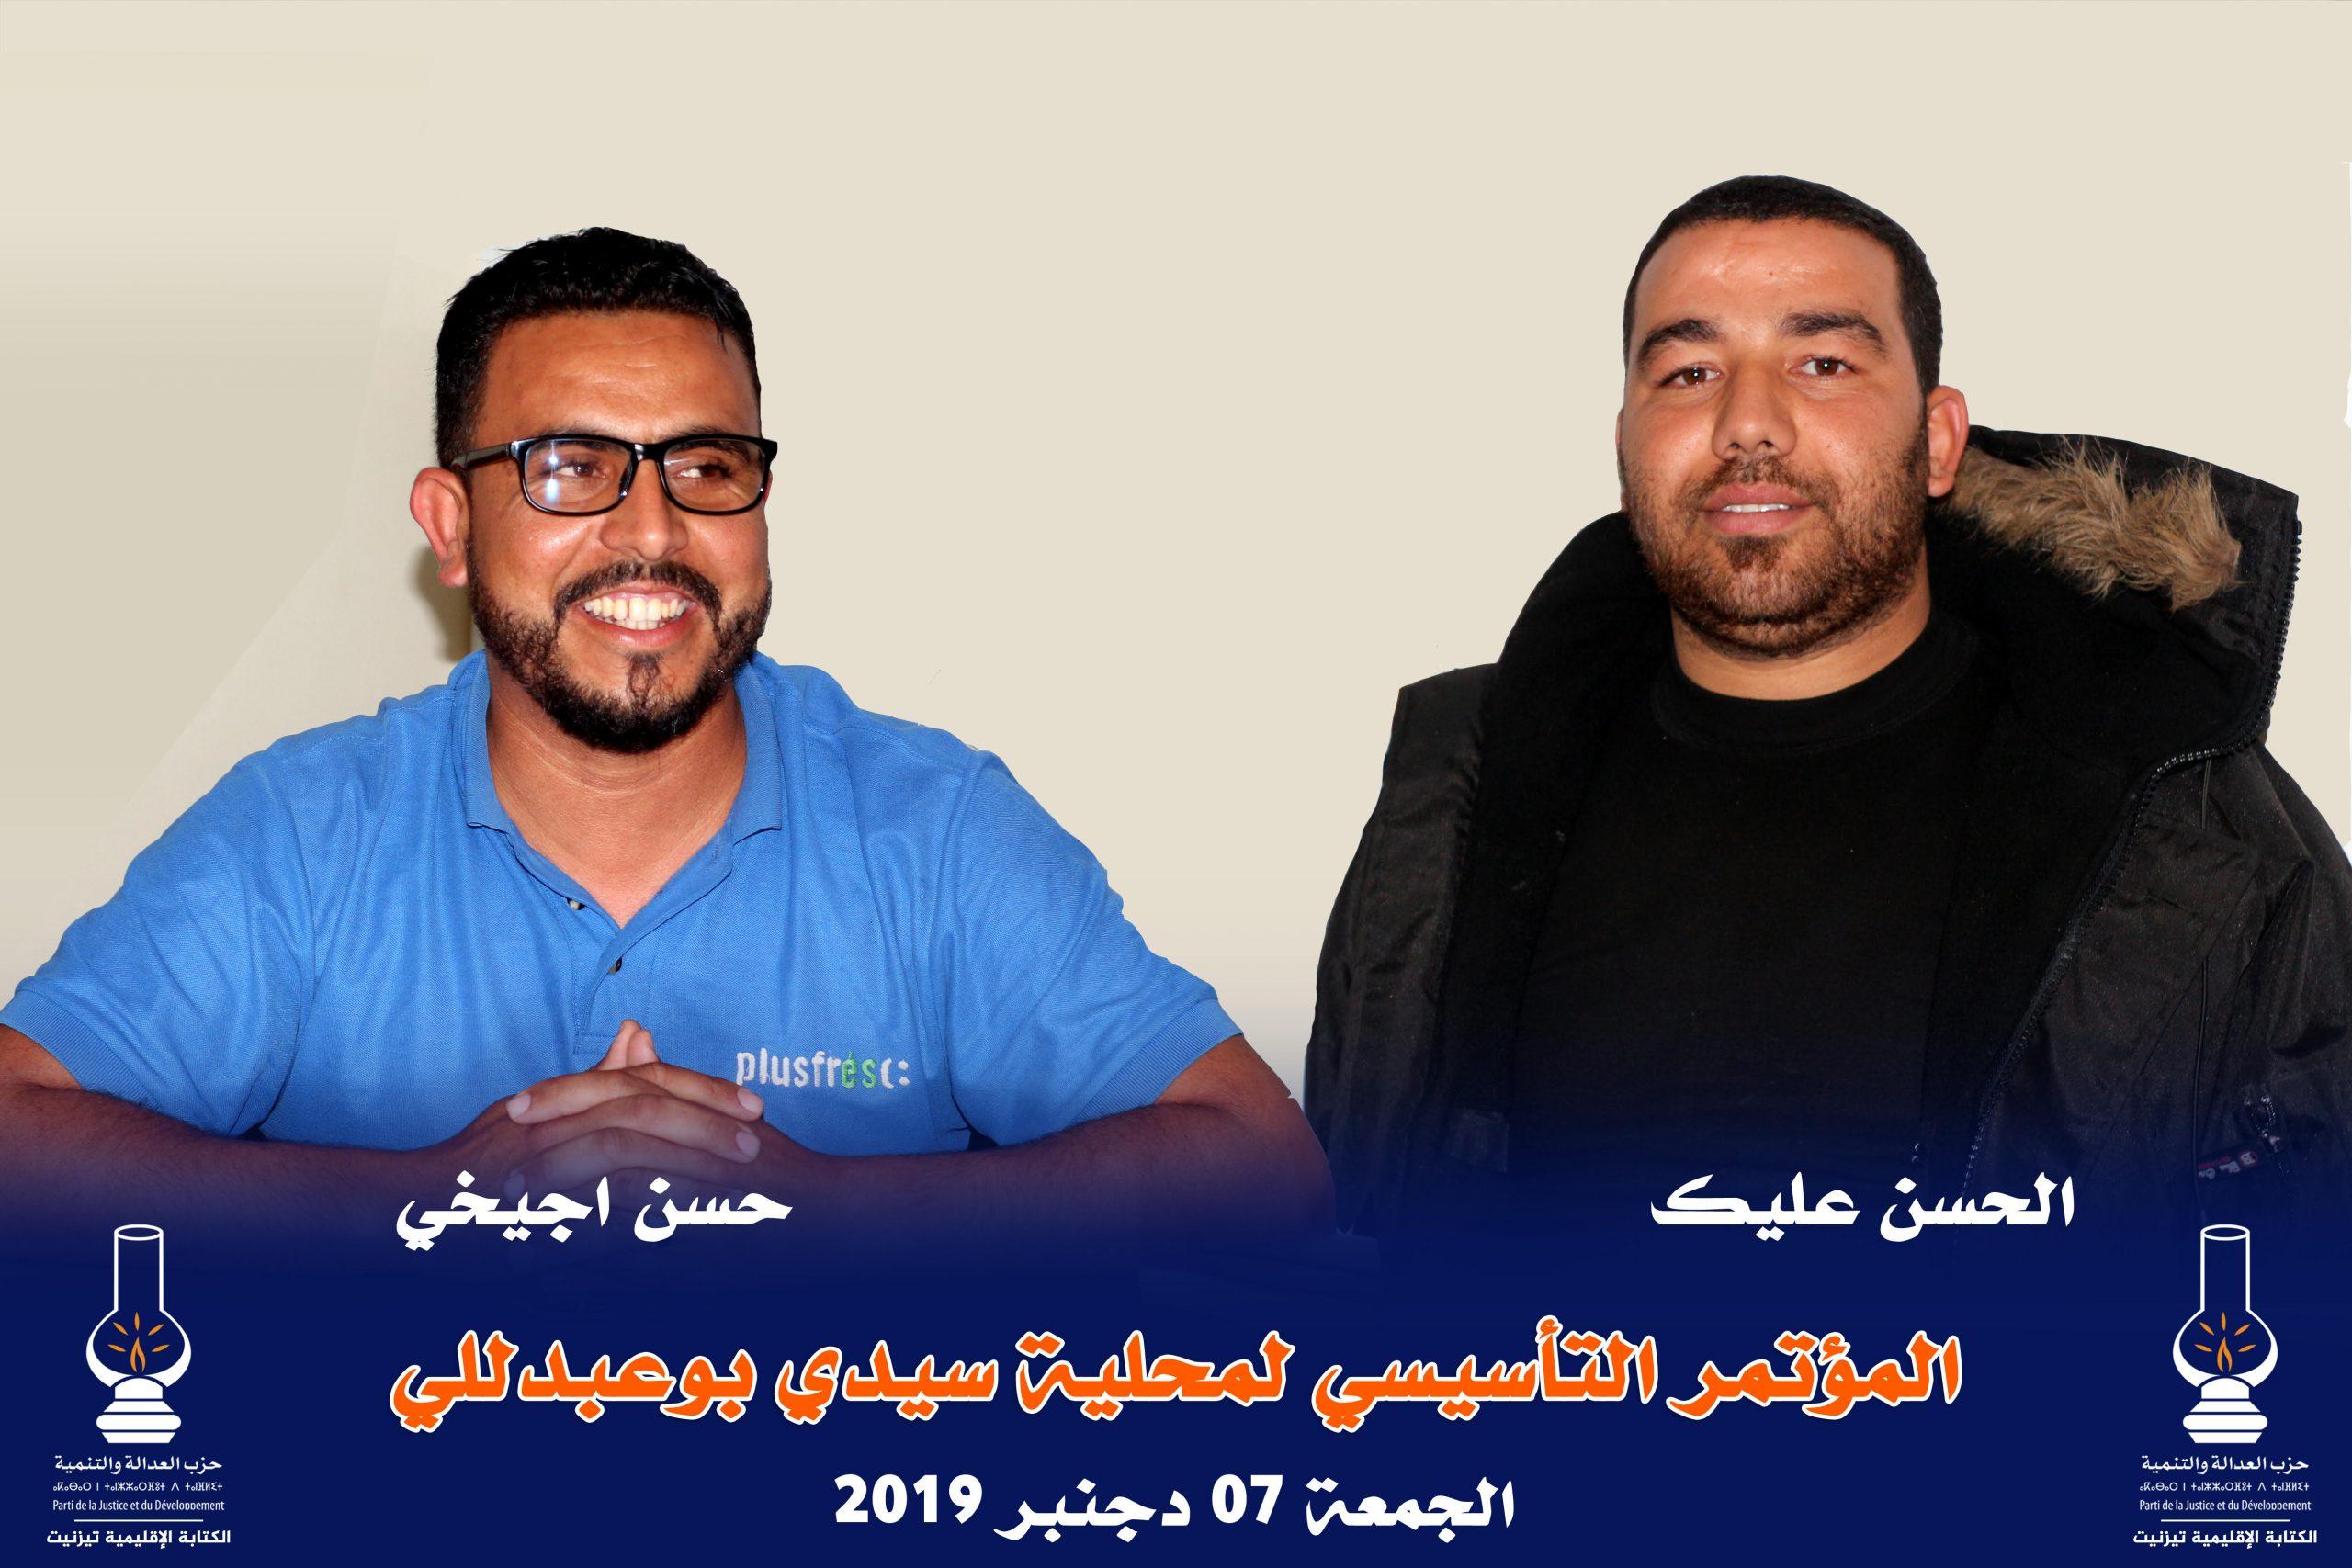 تيزنيت : حزب المصباح يؤسس محلية جديدة بسيدي بوعبداللي